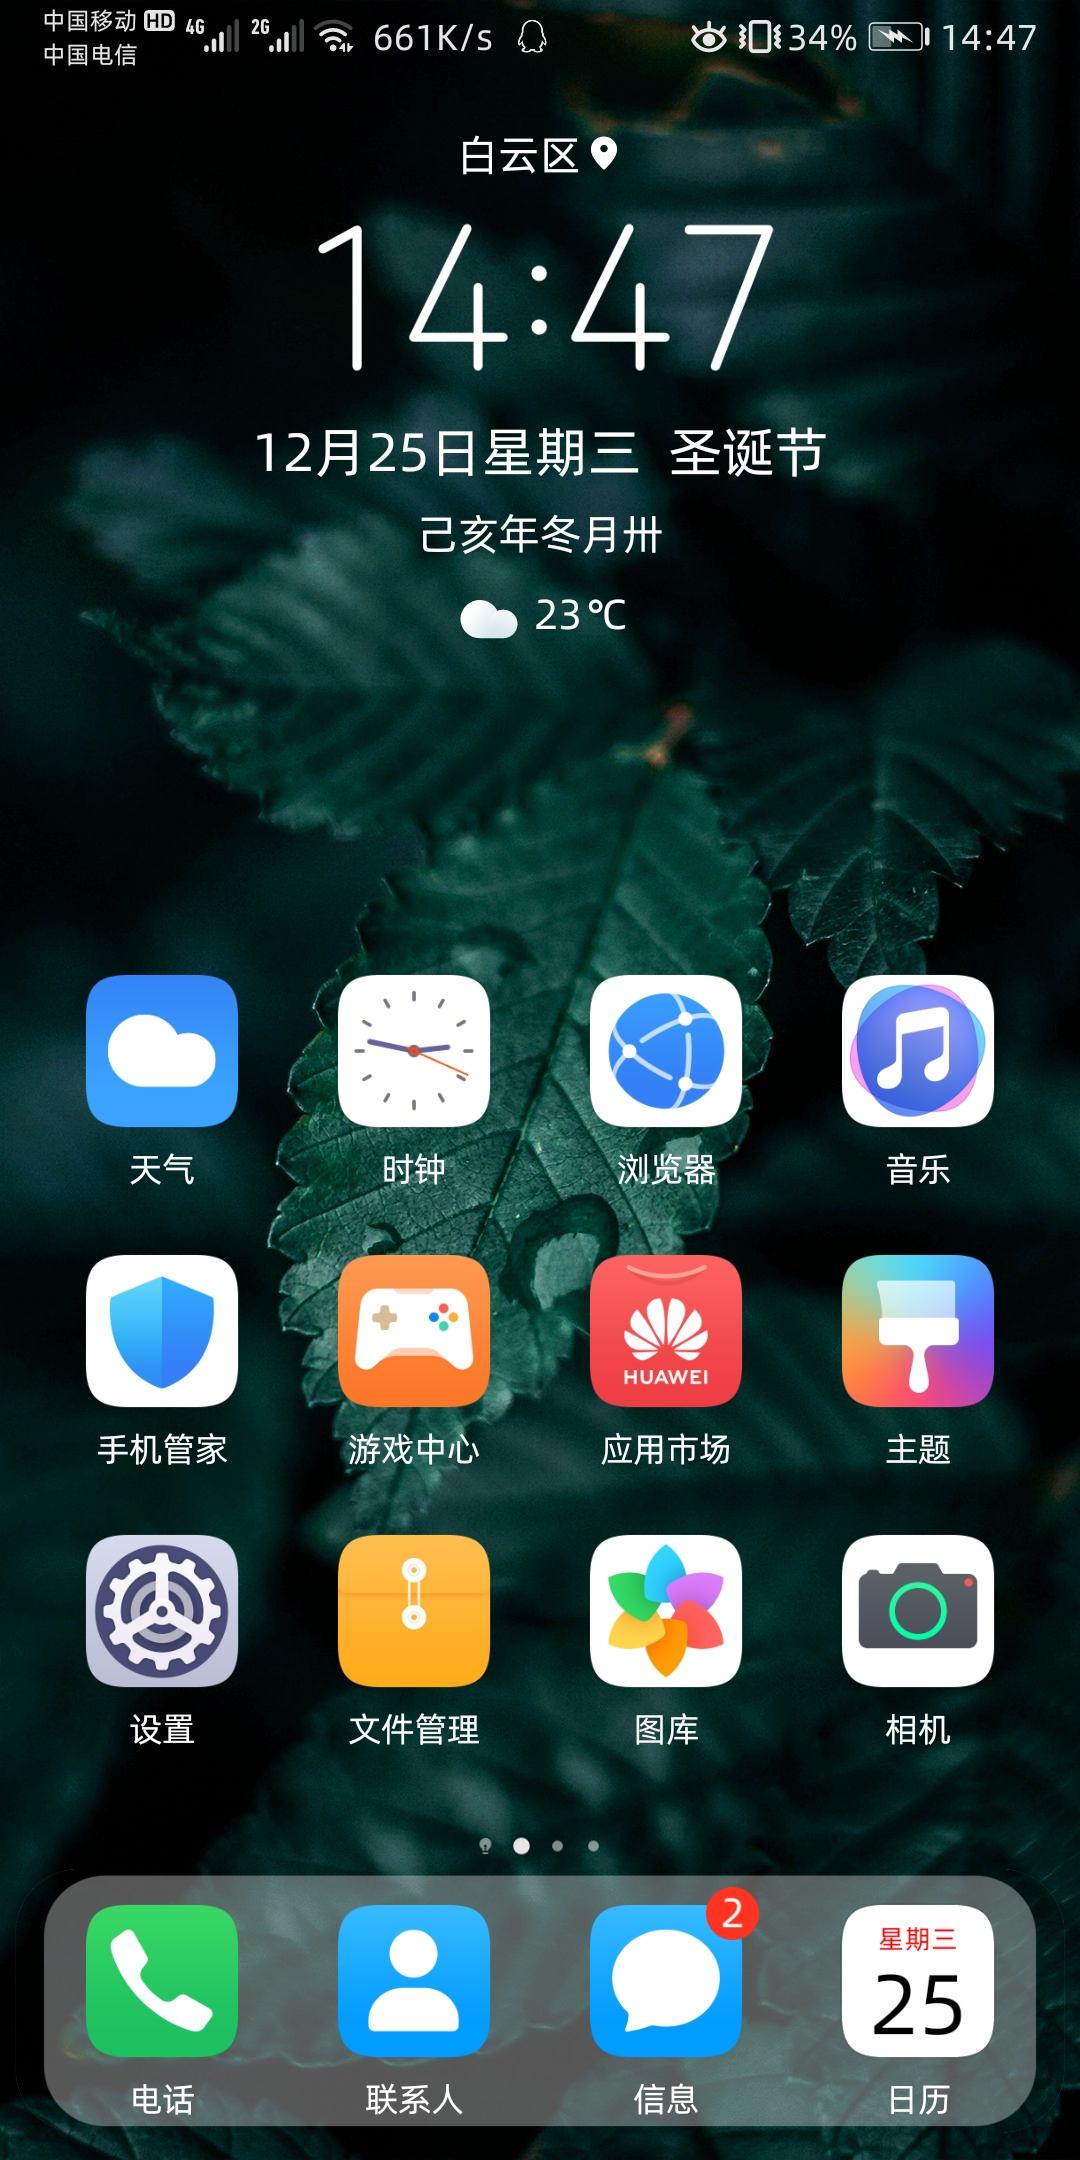 Screenshot_20191225_144721_com.huawei.android.launcher.jpg